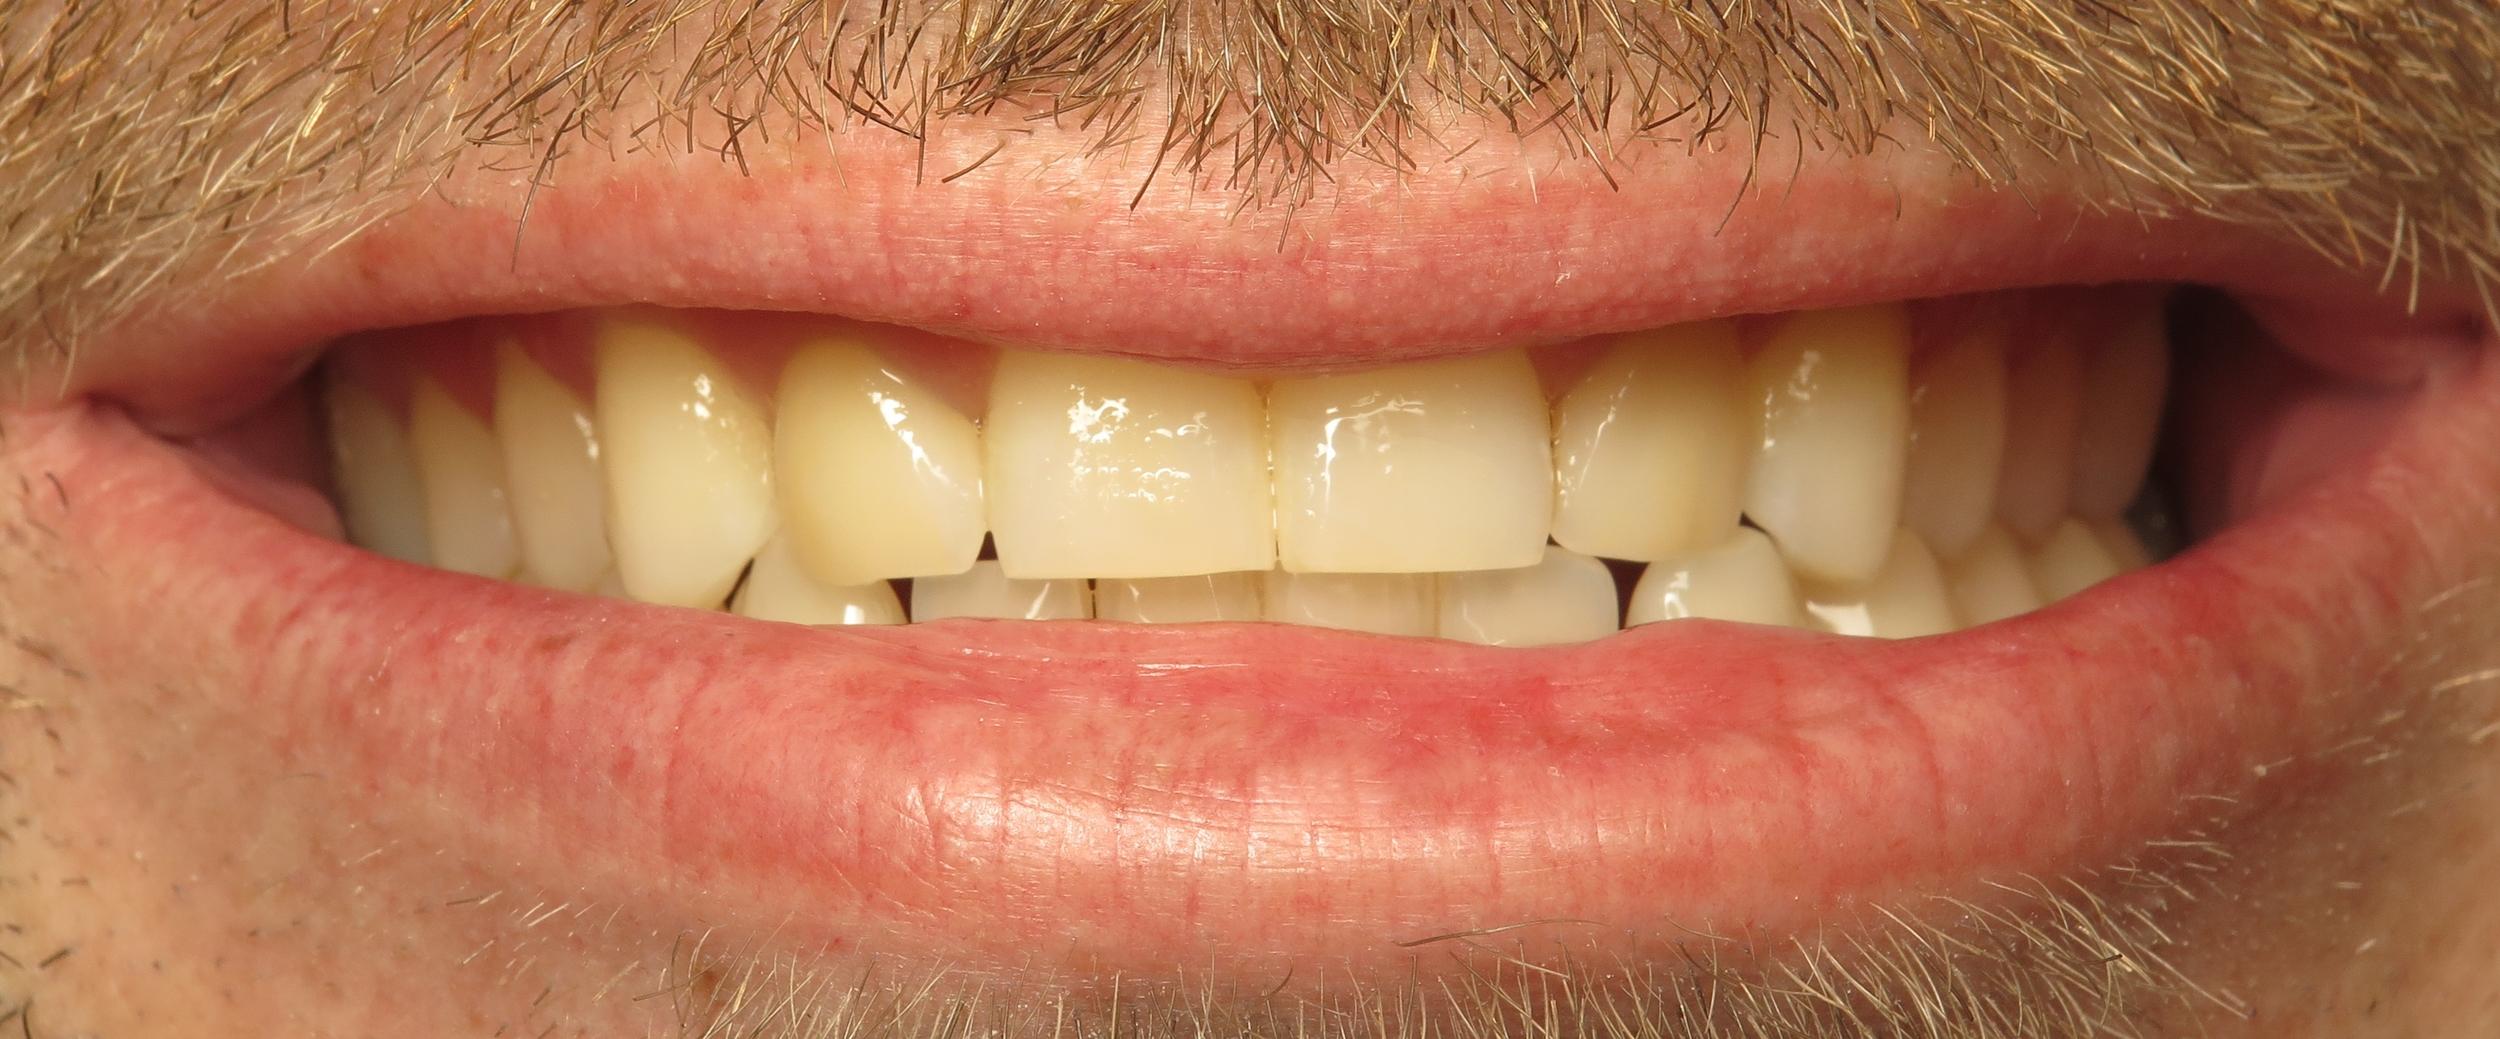 Thousand Oaks Family Dentistry - Golden Proportion Case 2 lip framed smile.JPG